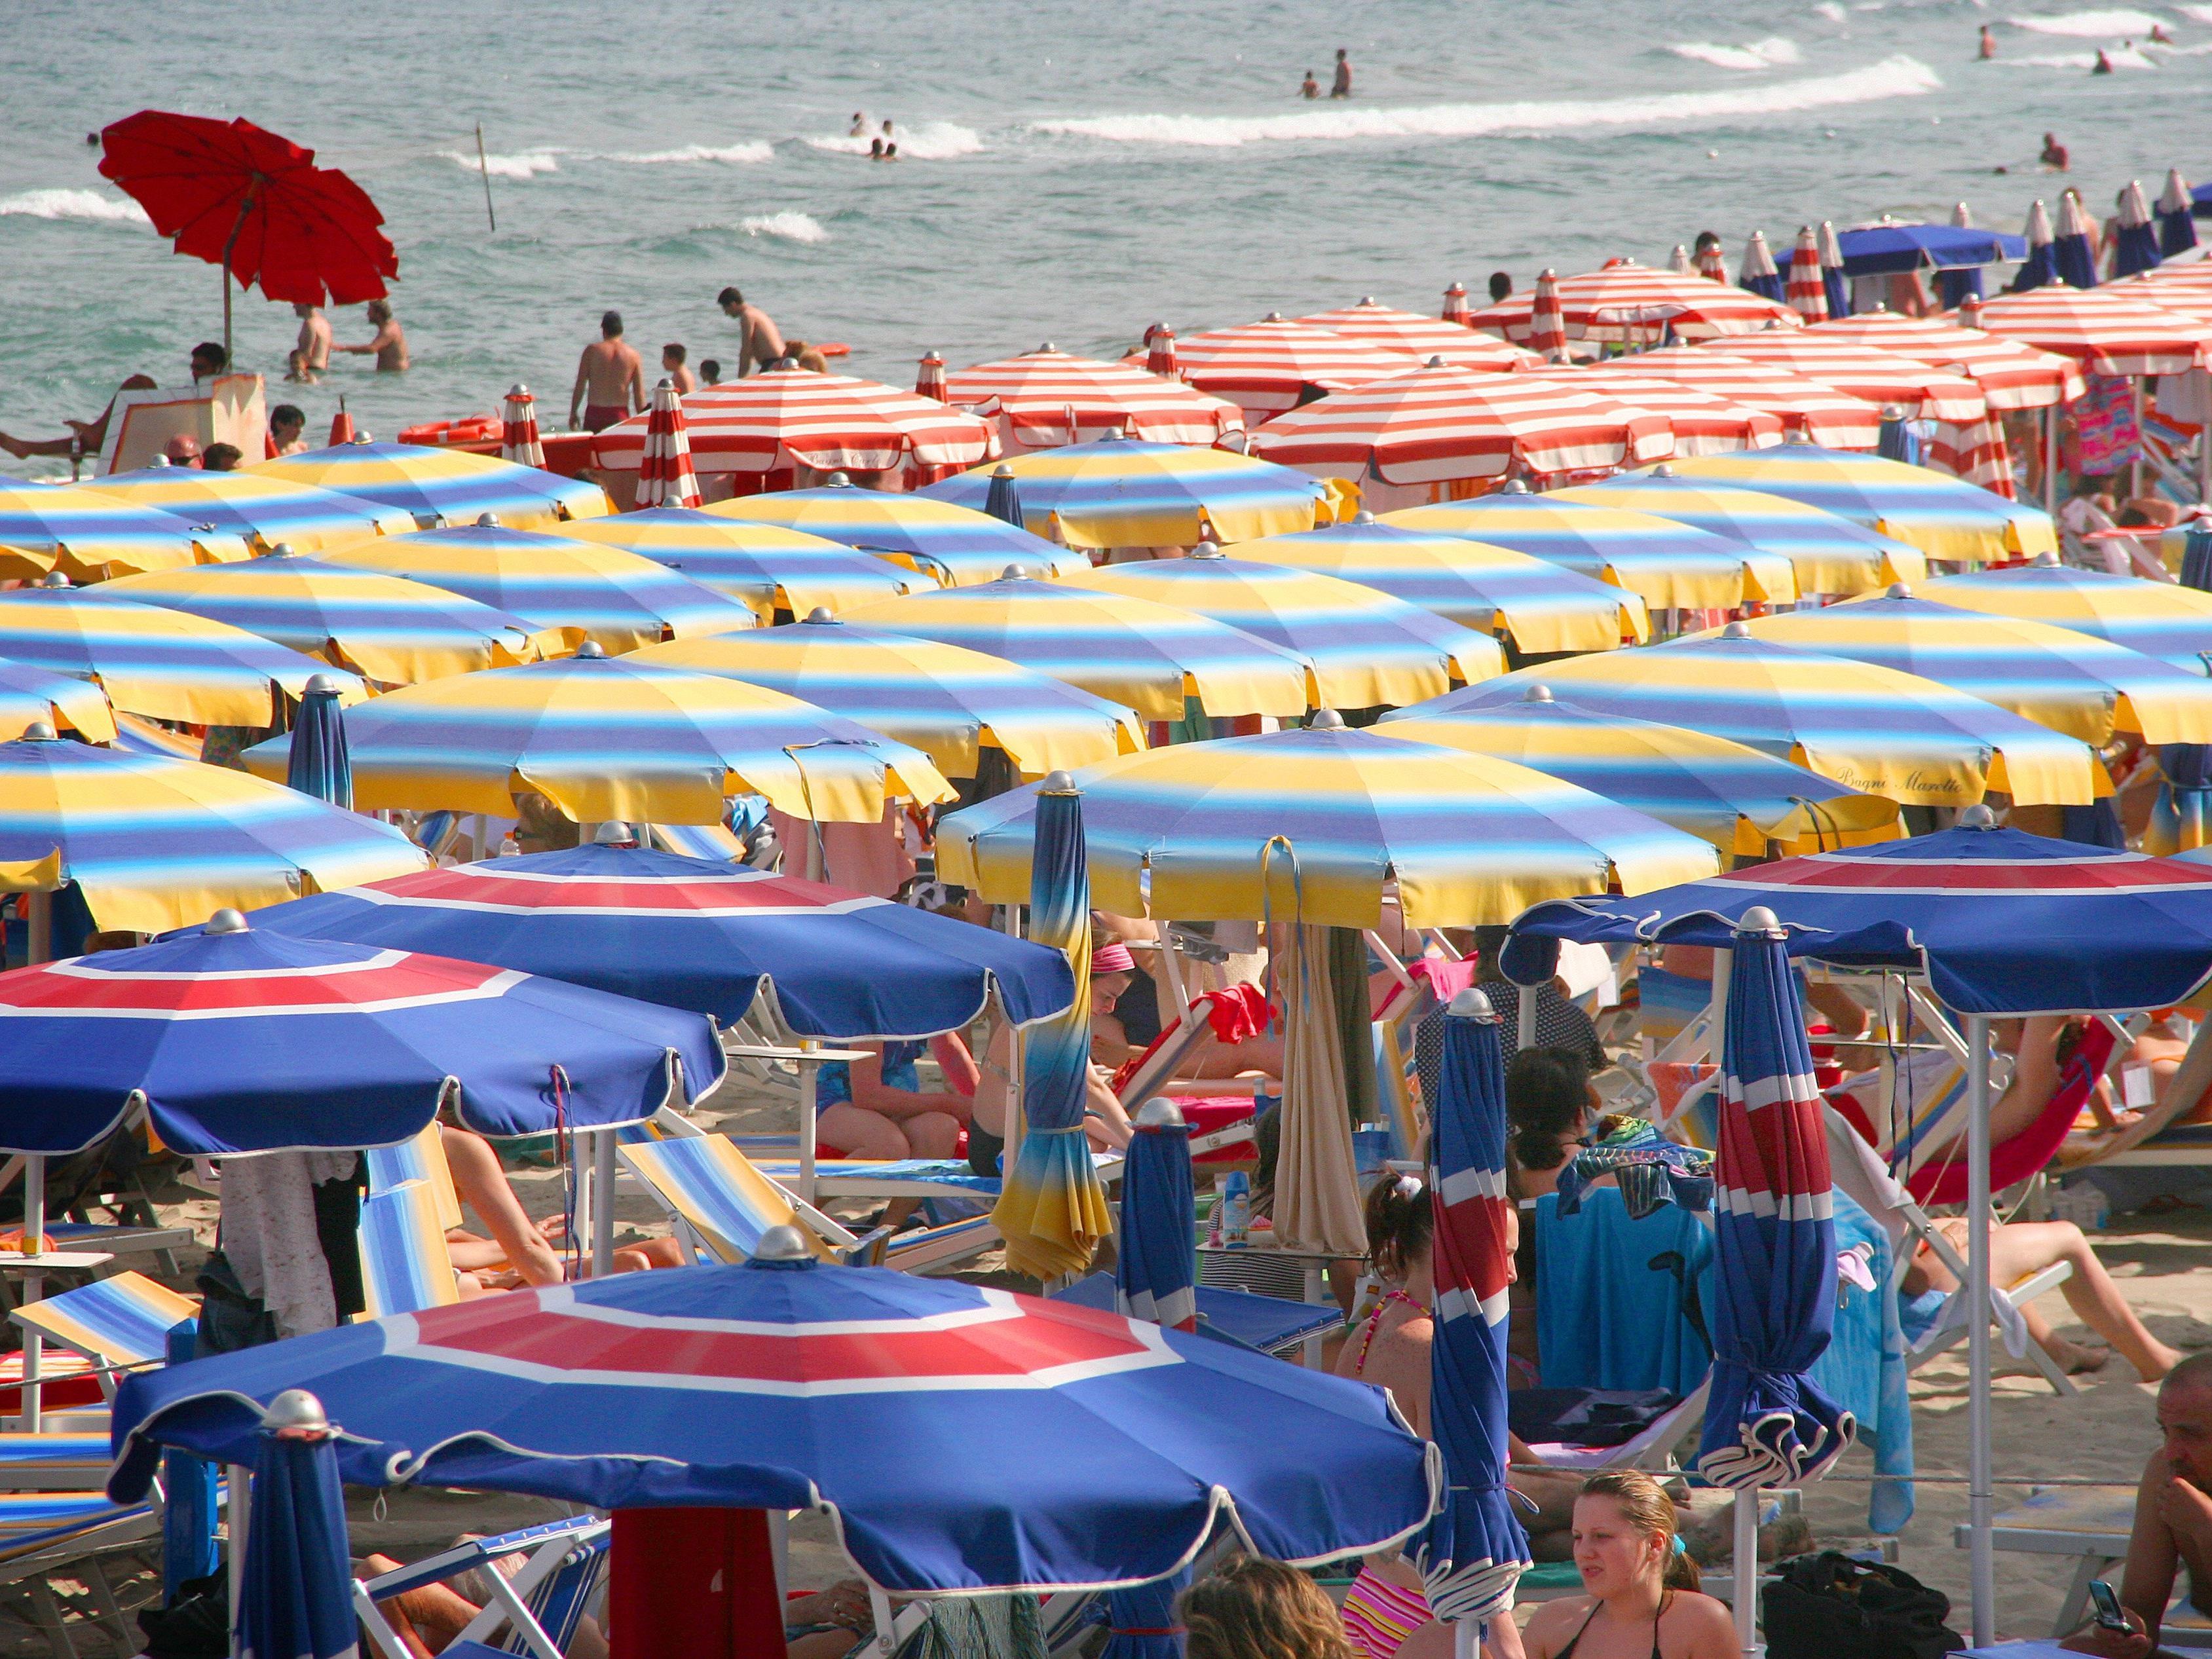 Anstatt den Urlaub in Benidorm zu genießen, lieferten die Engländer sich eine Rauferei.